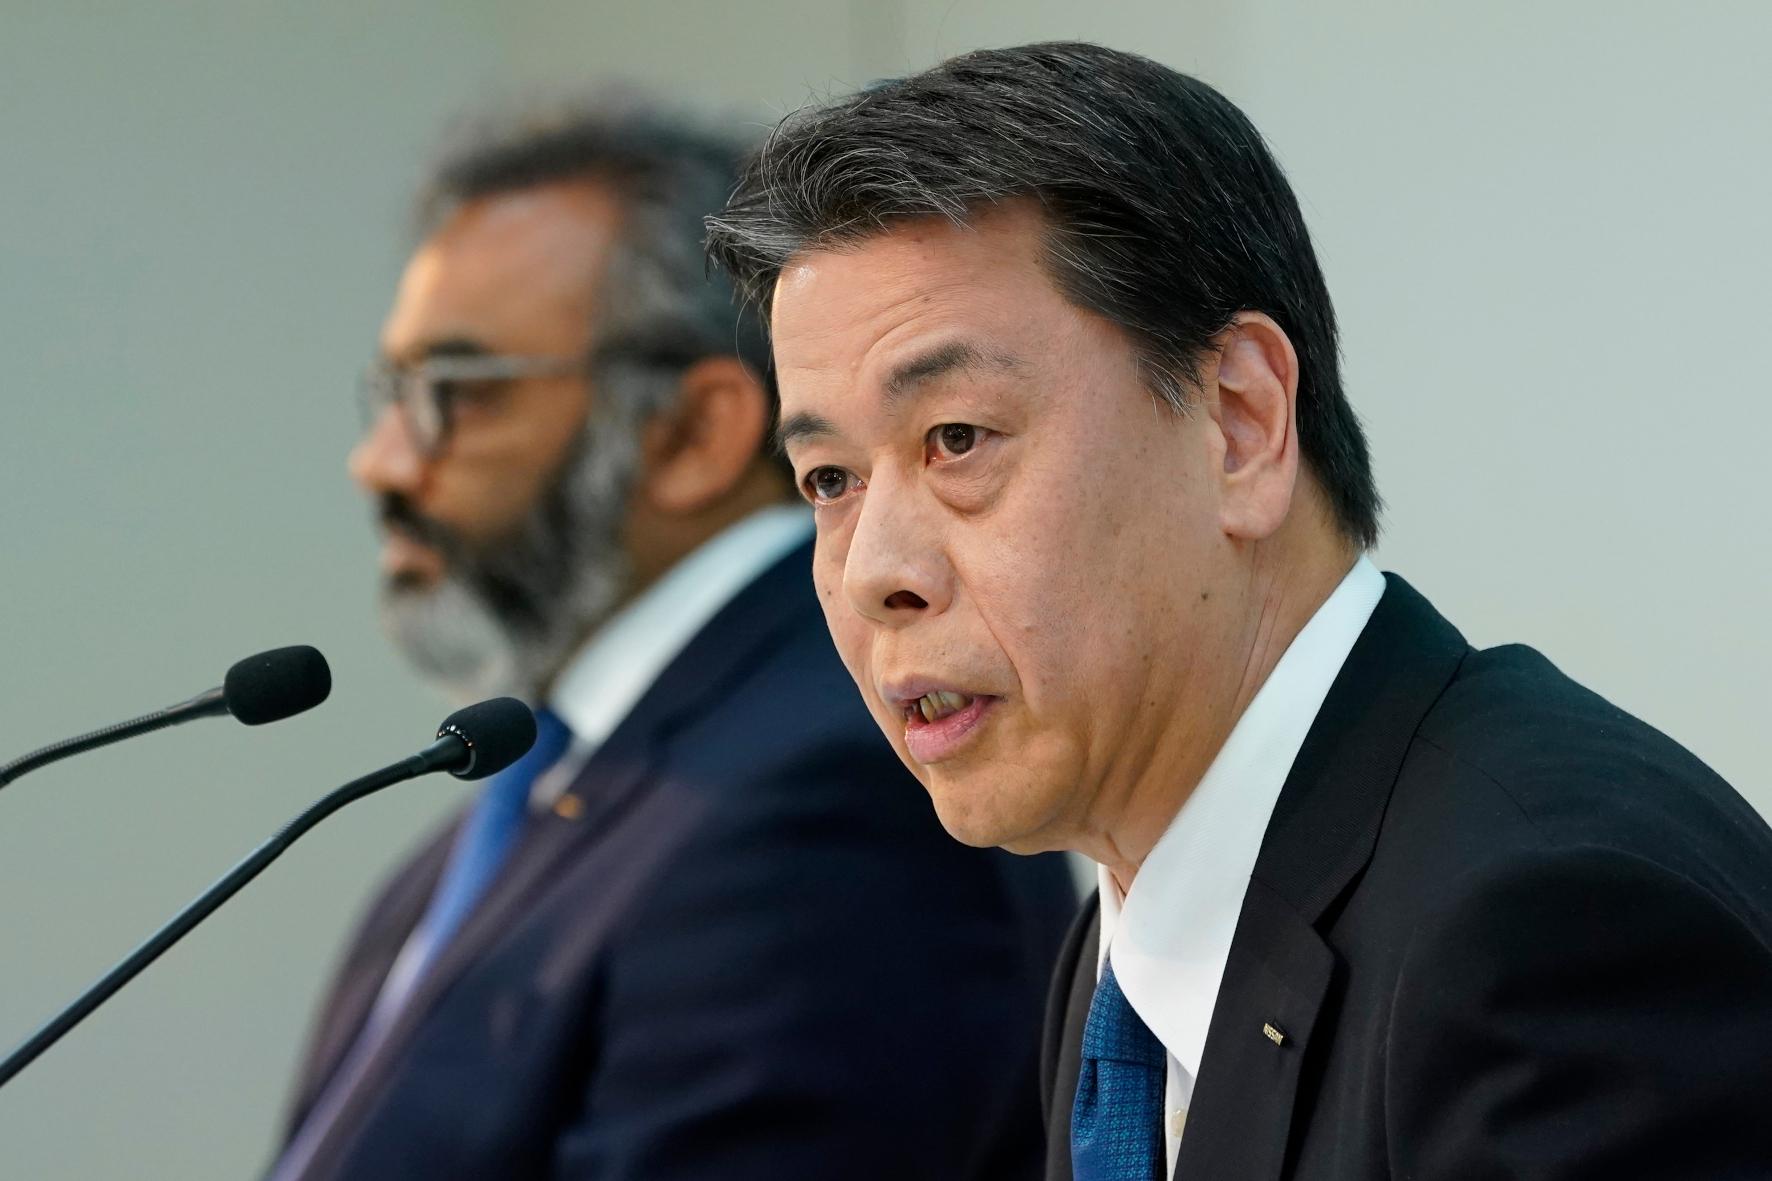 mid Groß-Gerau - Verkündet ein striktes Sparprogramm: Nissan-CEO Makoto Uchida. Nissan